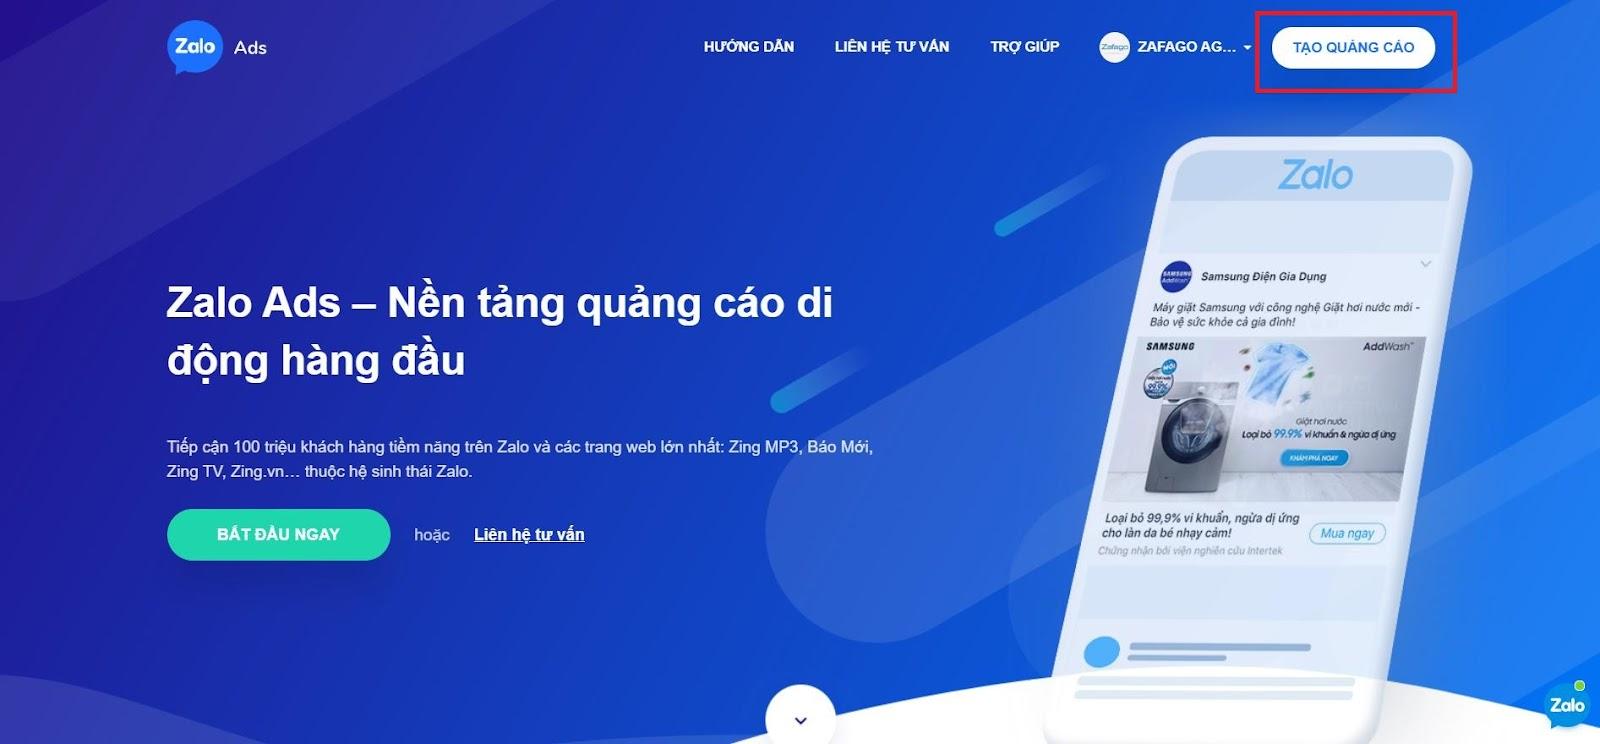 Để tạo quảng cáo website trên Zalo hiệu quả, cần xác định đúng hình thức quảng cáo